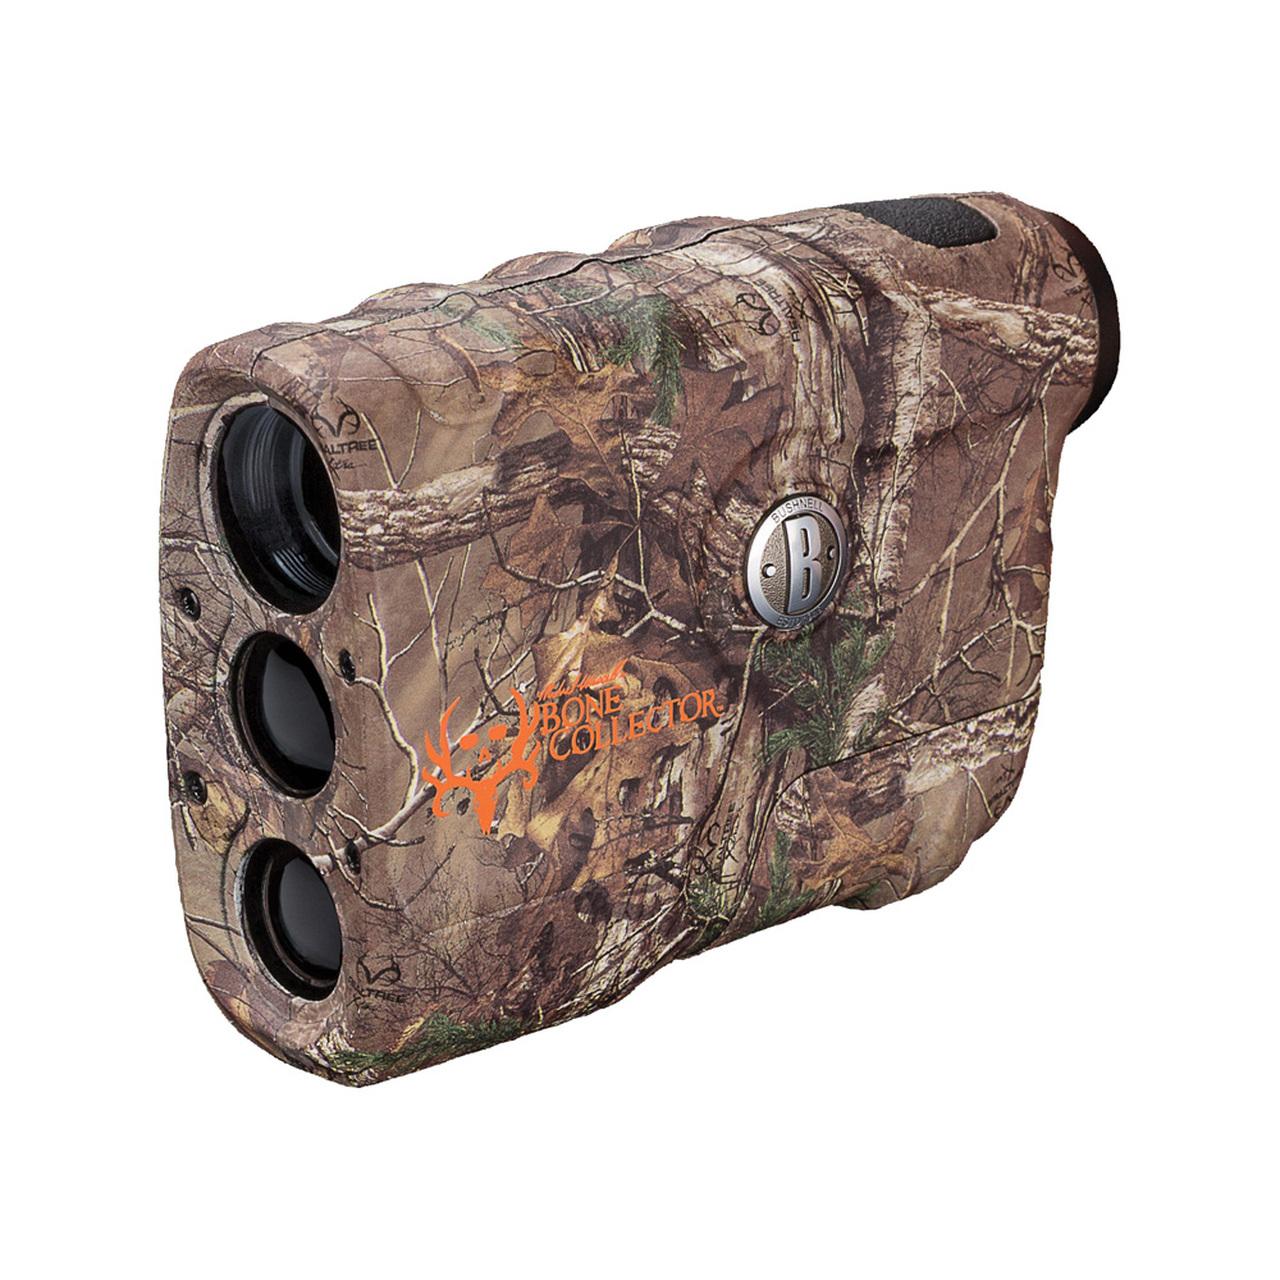 Фото - Лазерный дальномер Bushnell Hunting 4x21 Bone Collector (+ Автомобильные коврики в подарок!) дальномер huayi ms6400